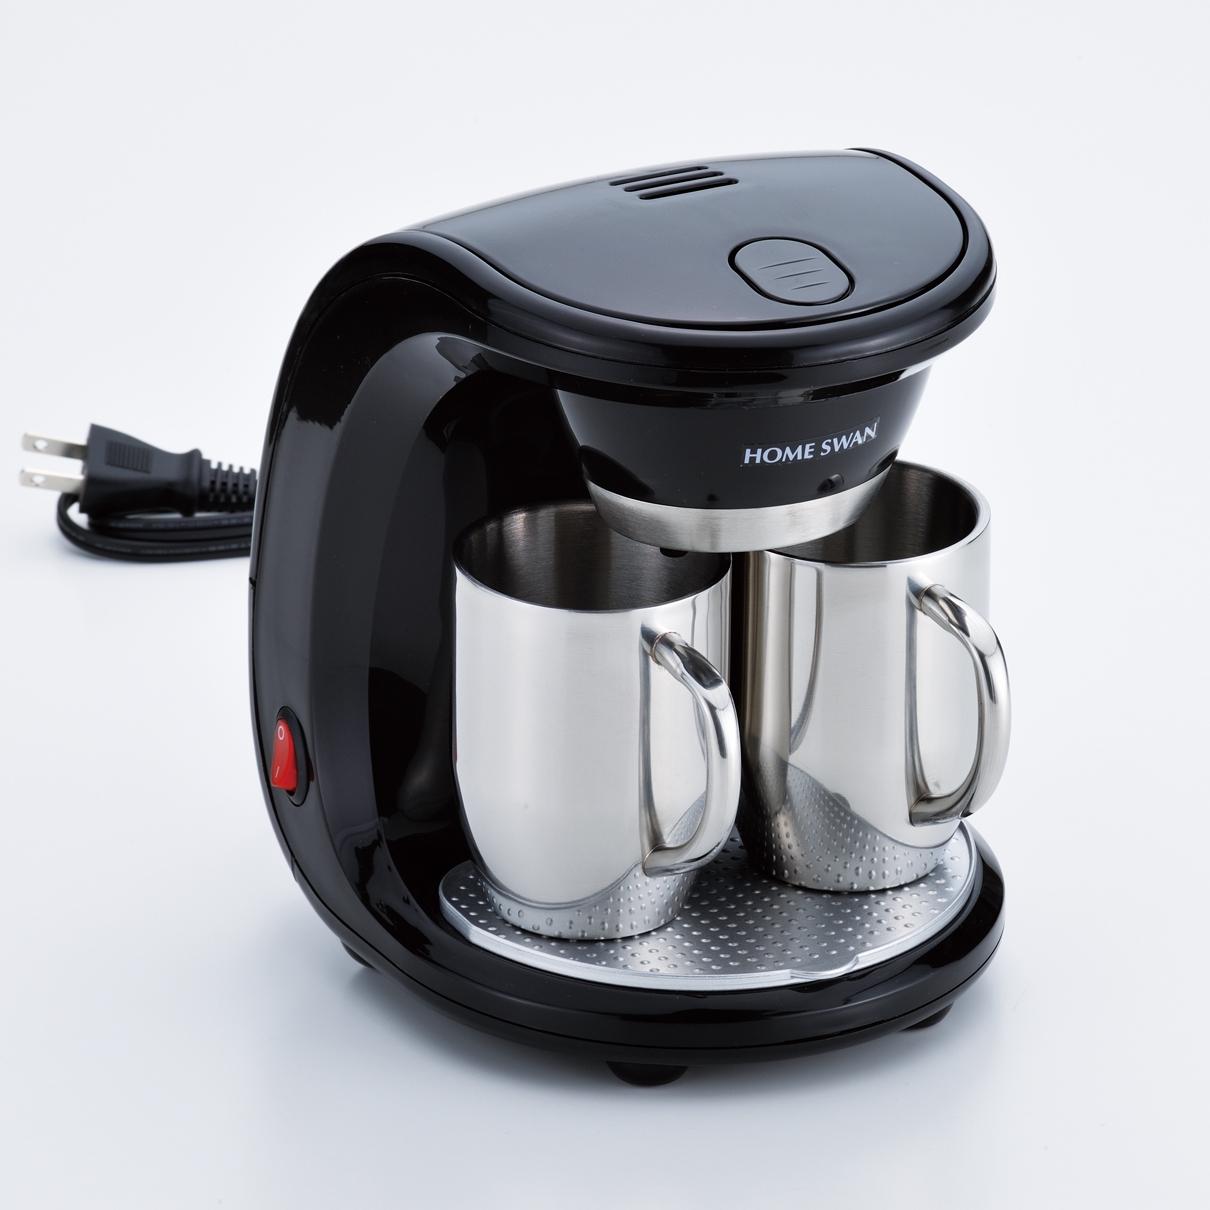 HOME SWANコーヒーメーカー2カップ ステンレスマグ